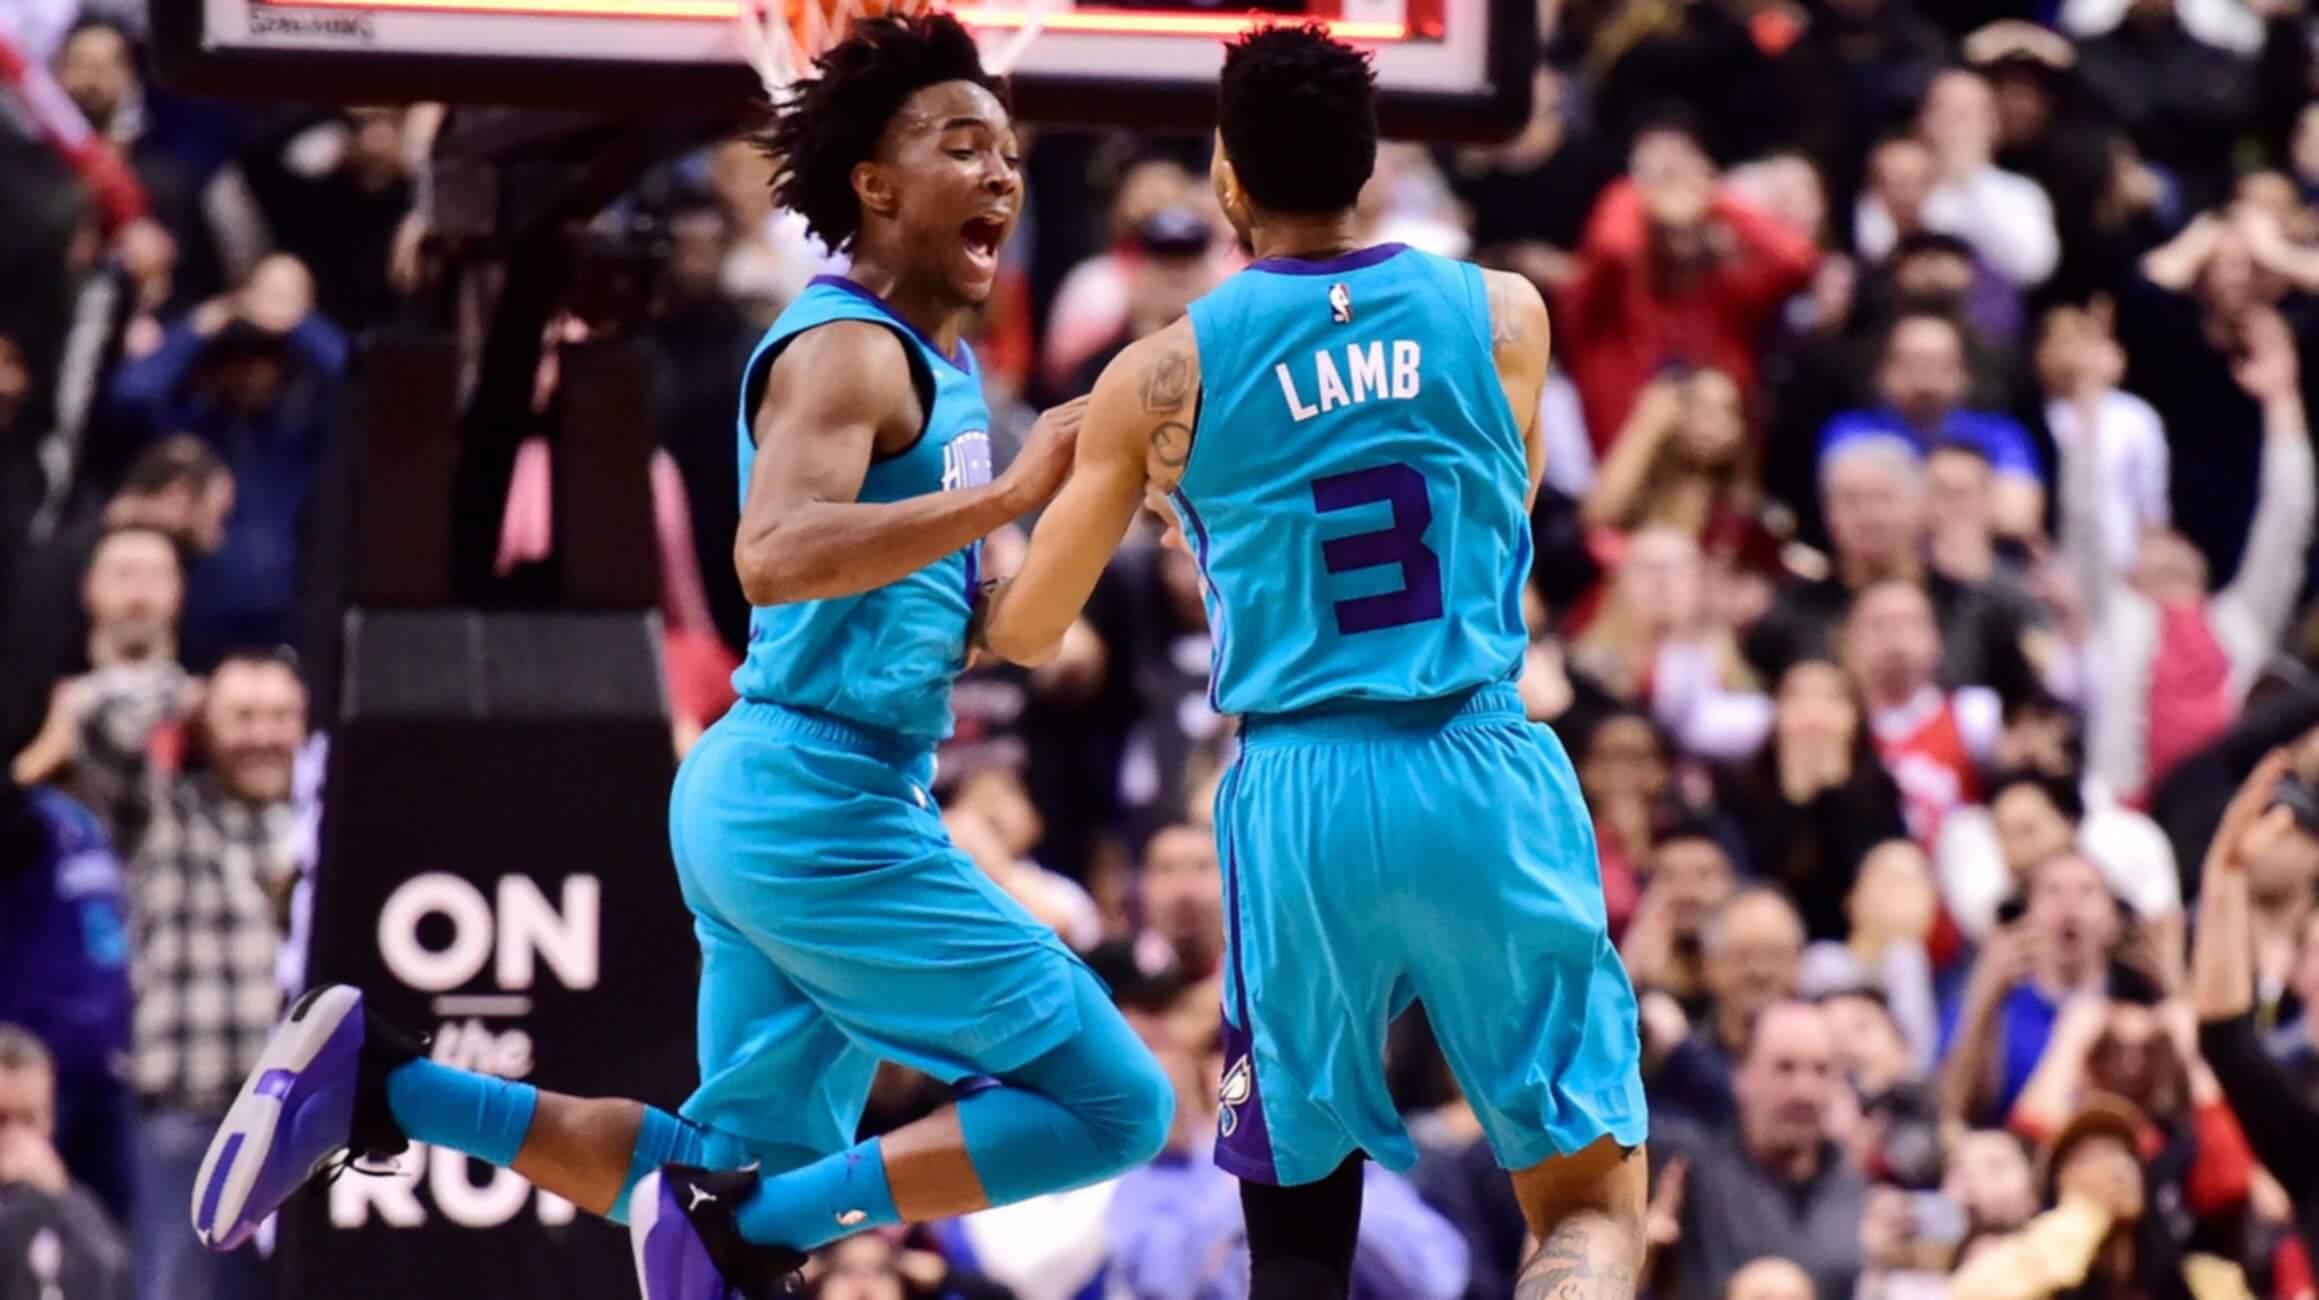 """Το αδιανόητο καλάθι του Λαμπ """"σκότωσε"""" το Τορόντο! Τα αποτελέσματα στο NBA – video"""